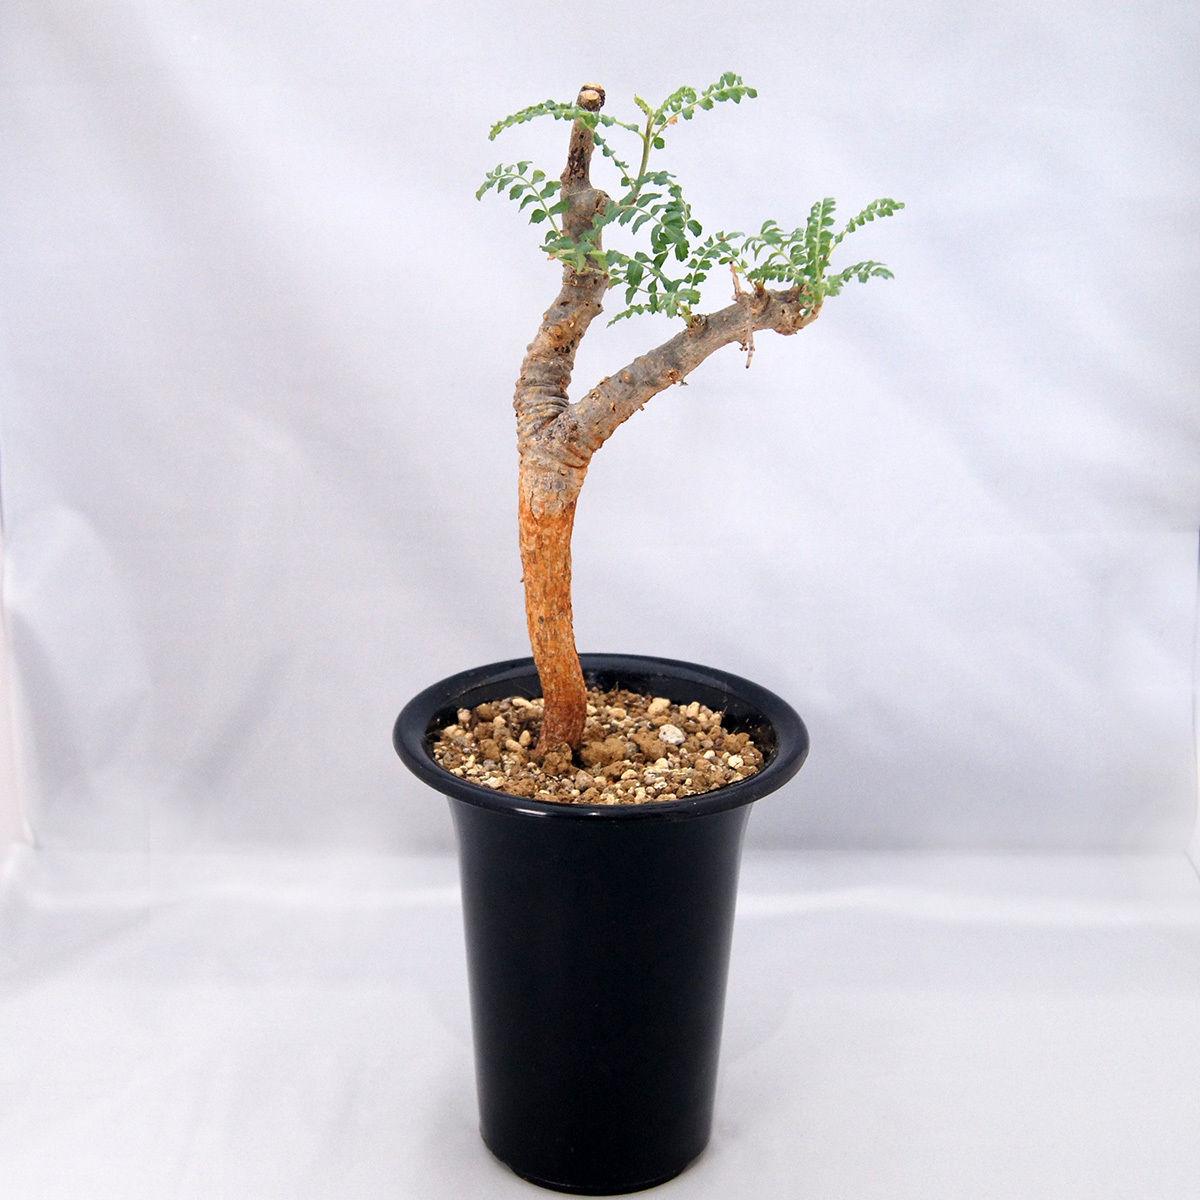 塊根植物 ボスウェリア・ネグレクタ(Boswellia neglecta)【送料無料】  乳香の木